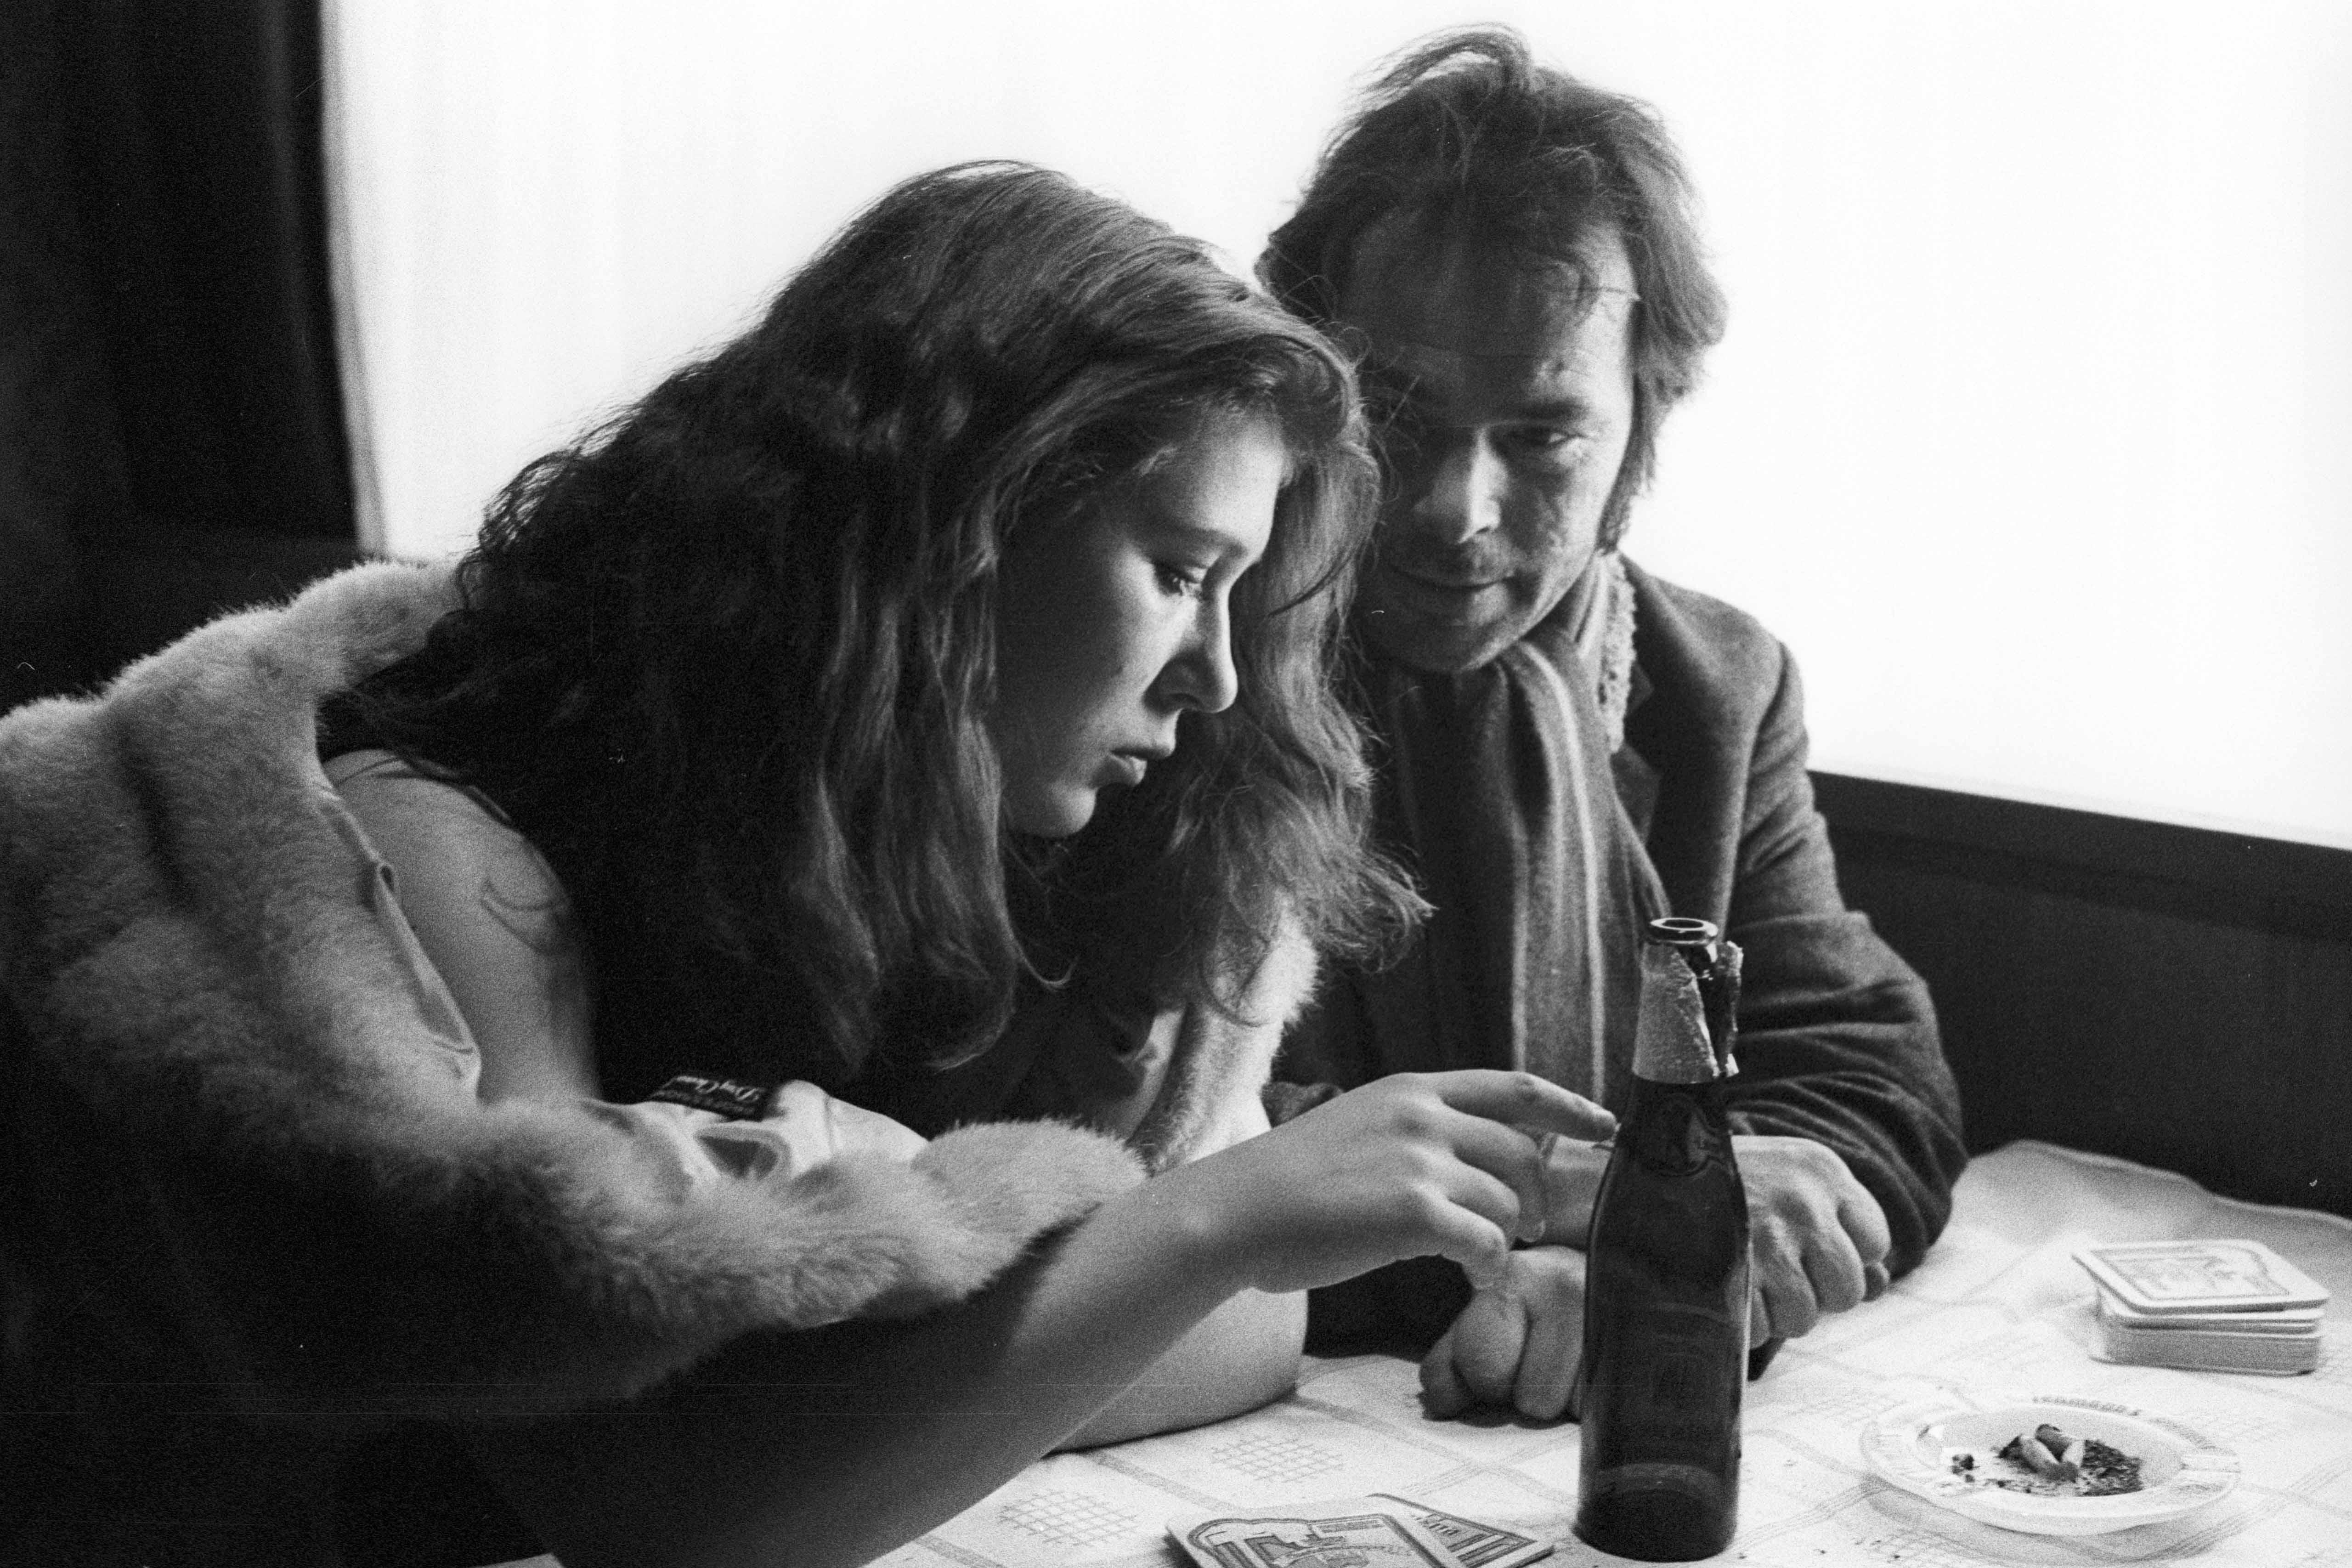 Szenenfoto aus dem Film Stroszek